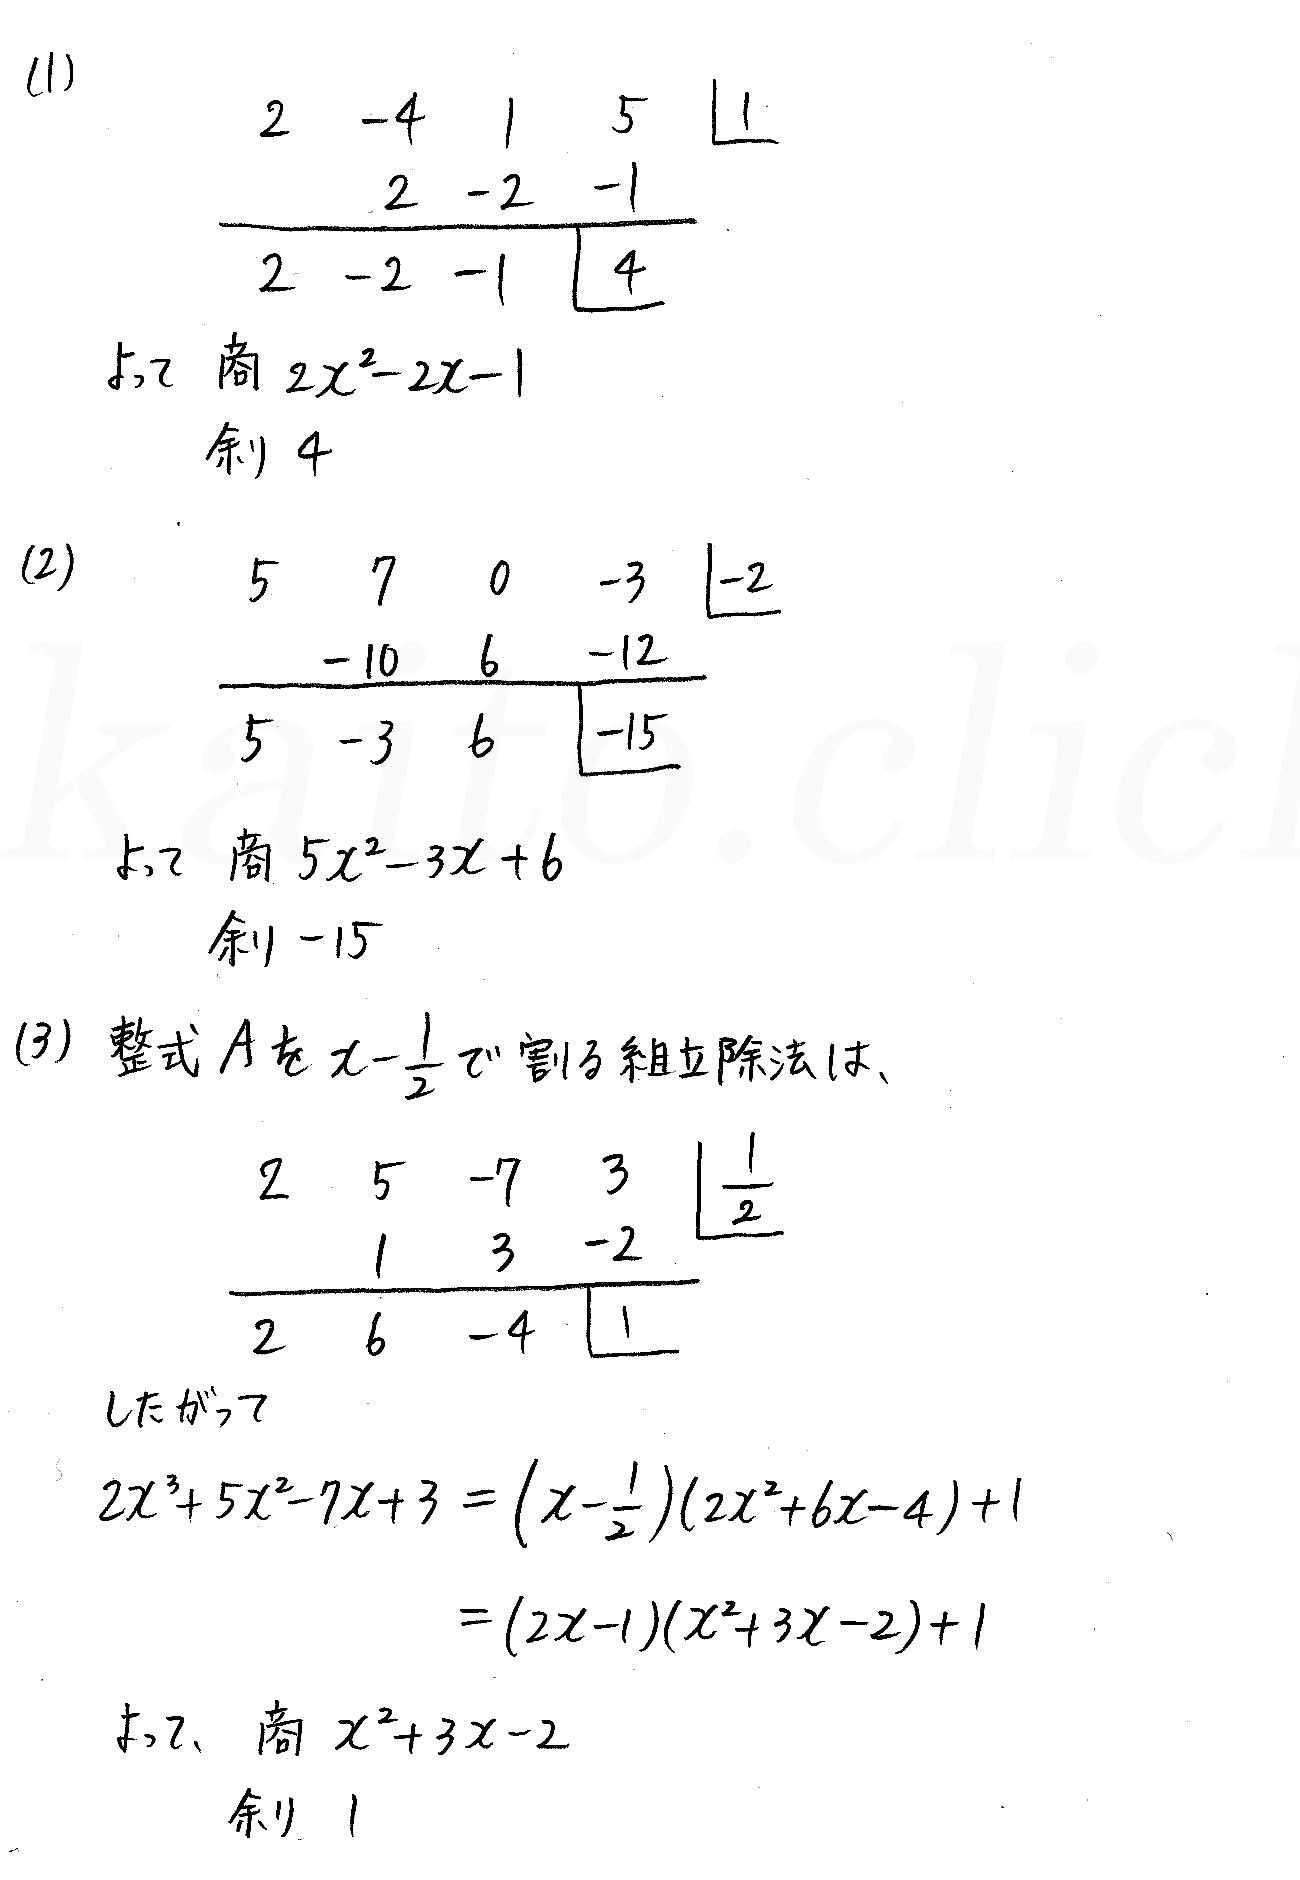 クリアー数学2-128解答